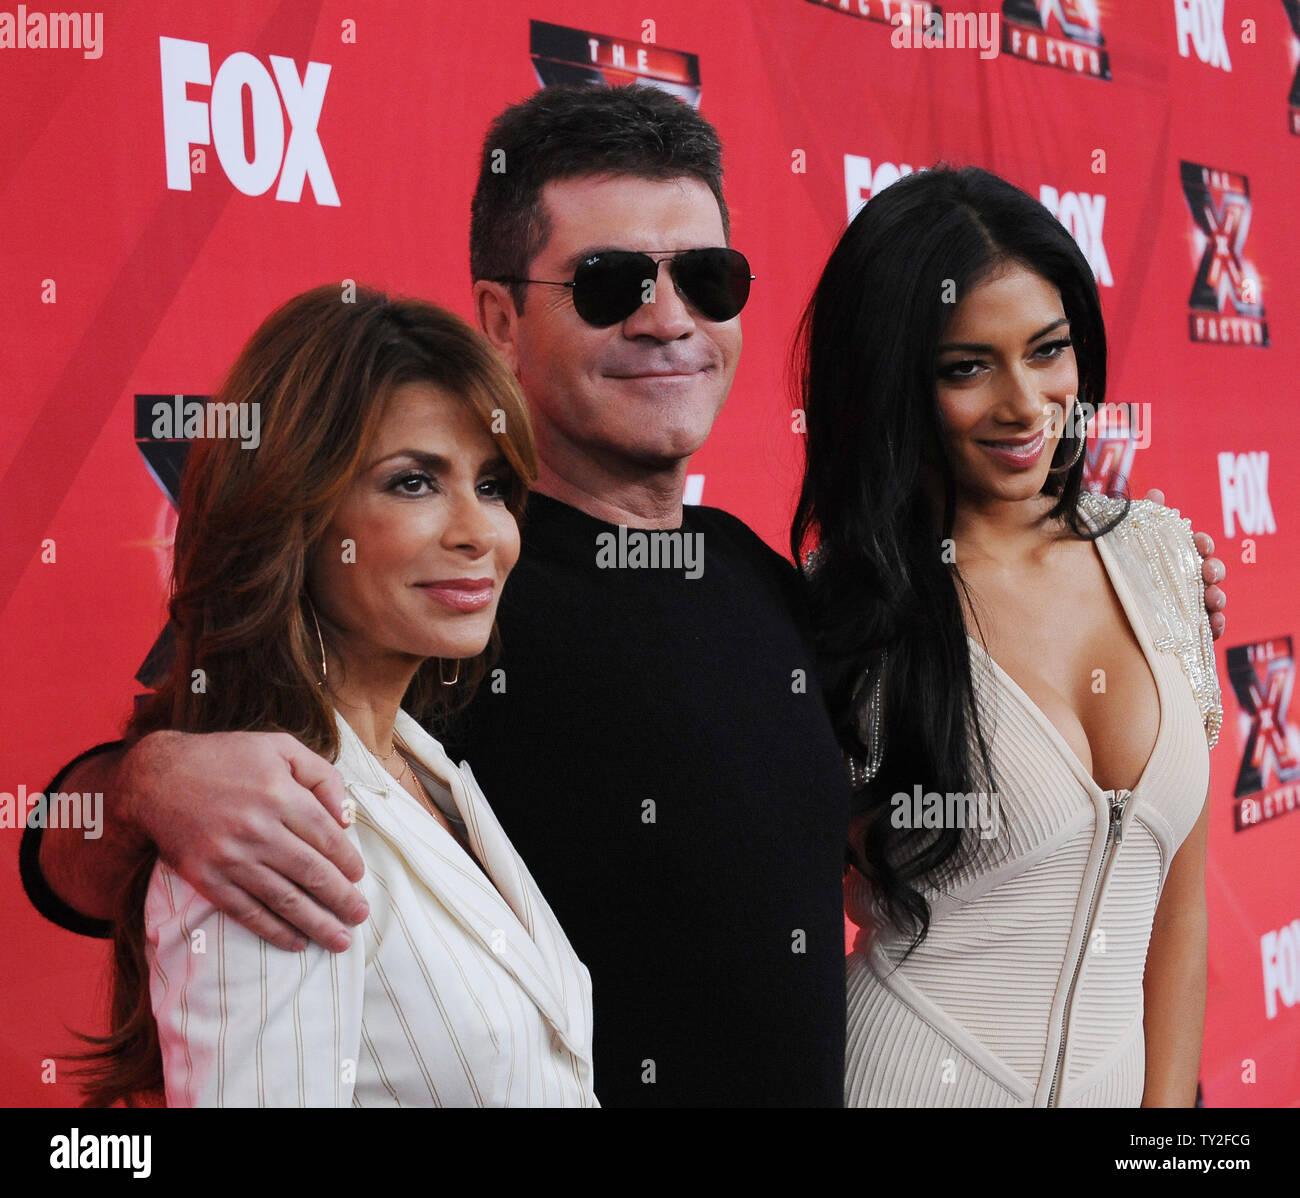 Female judges factor x 'X Factor'